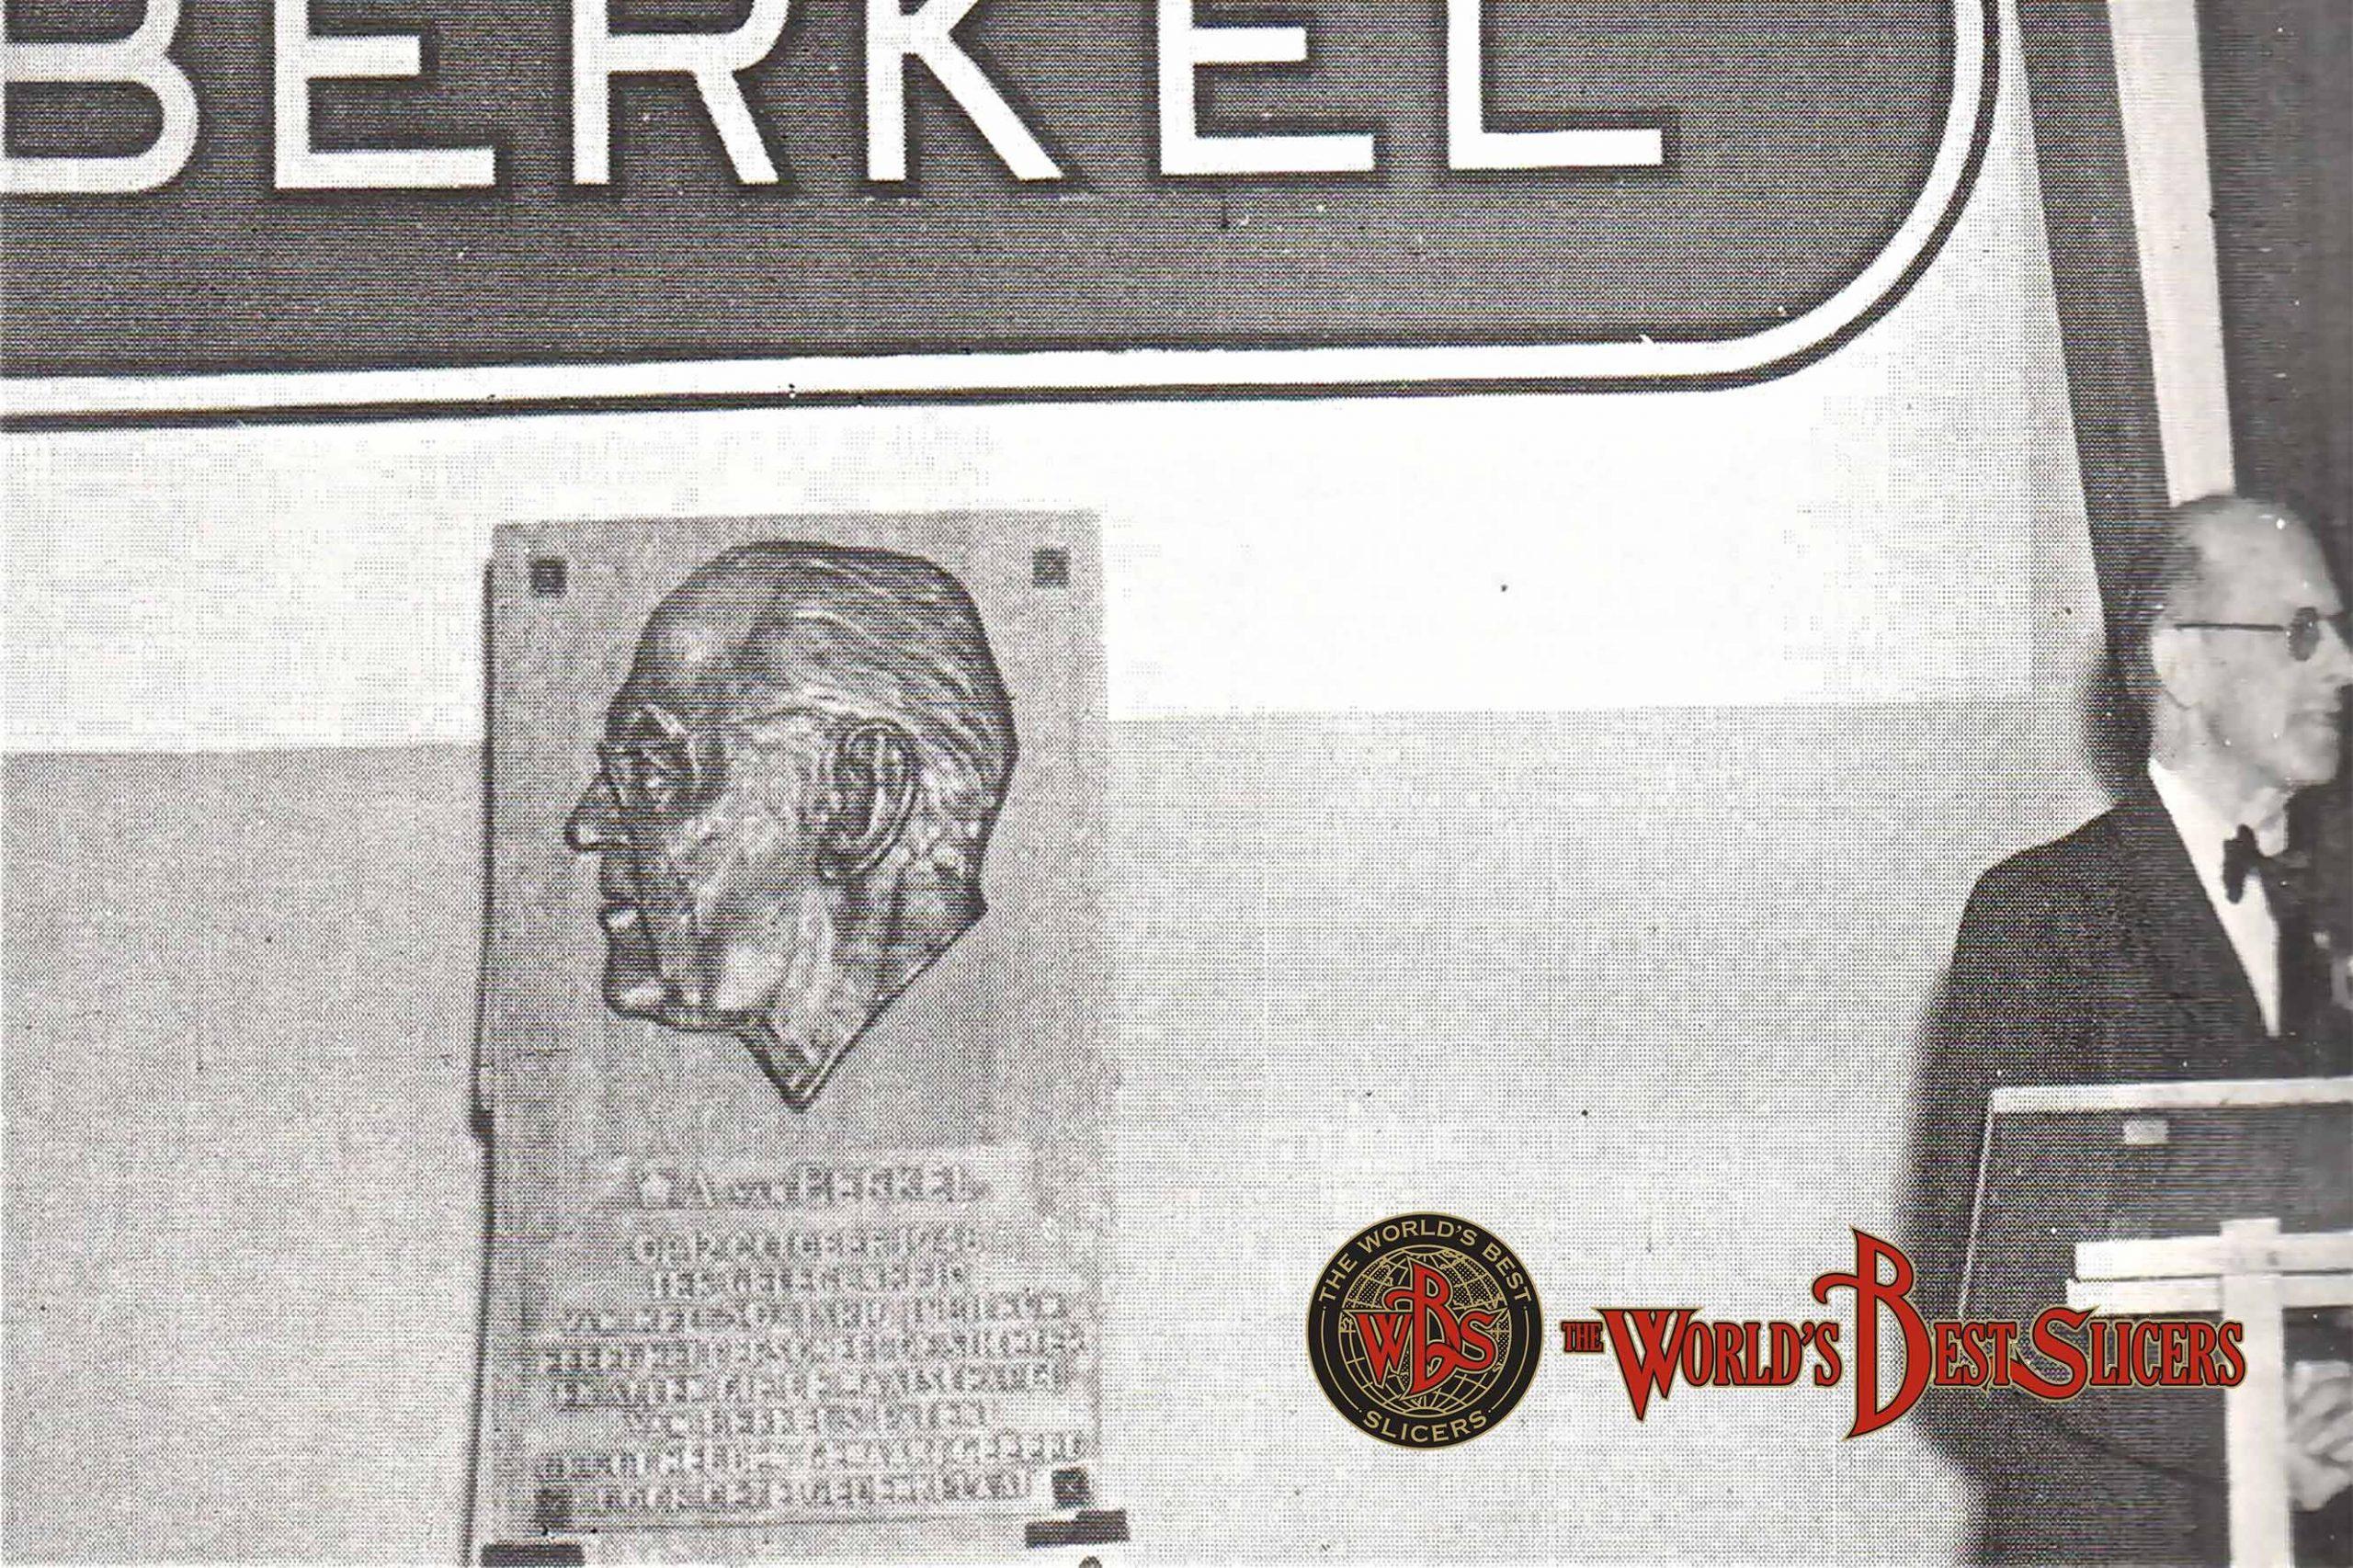 130-2-scaled W.A.Van Berkel's Geschichte